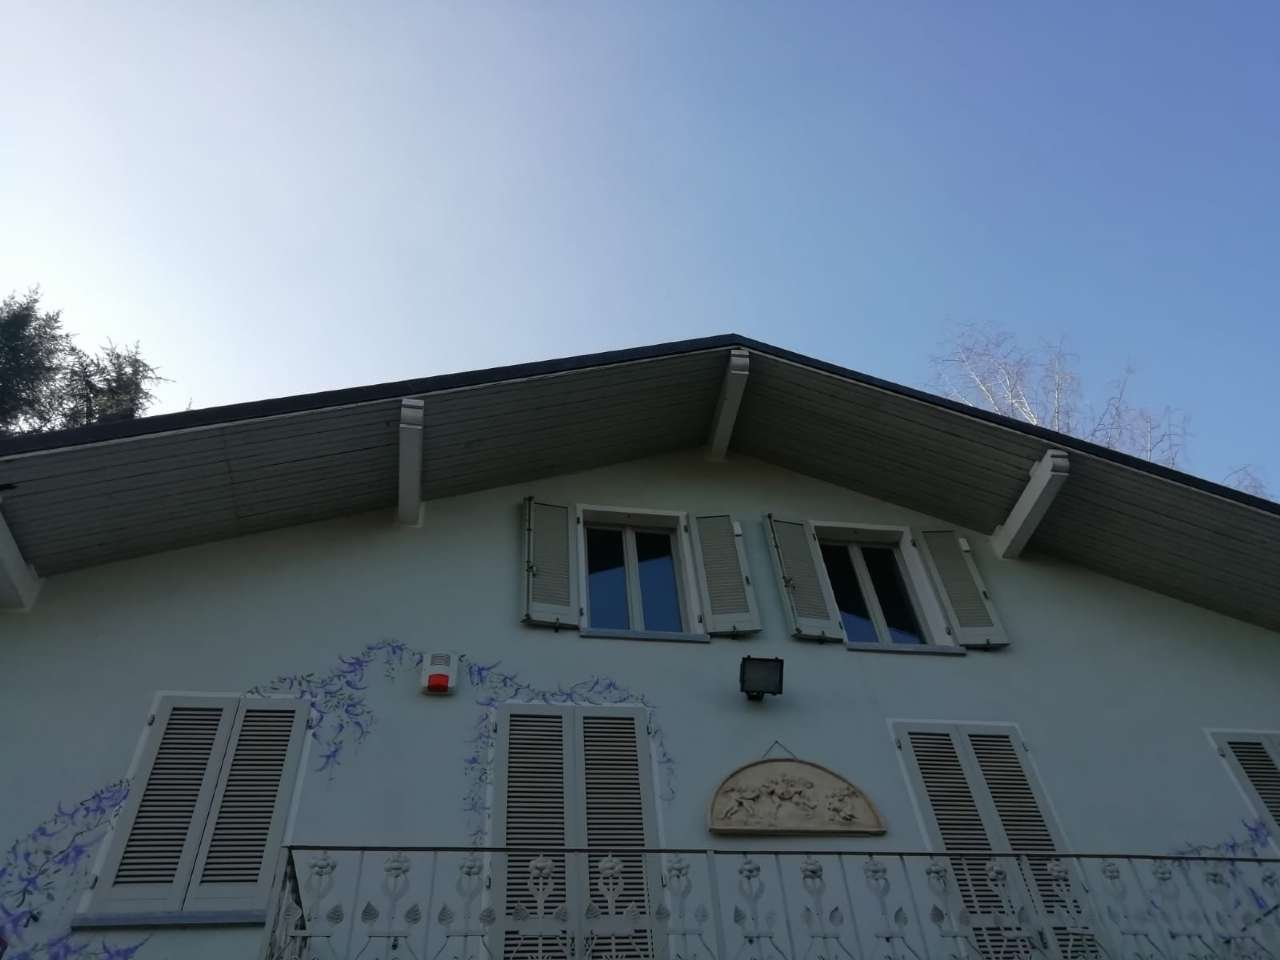 Villa in affitto a Baldissero Torinese, 7 locali, Trattative riservate | PortaleAgenzieImmobiliari.it